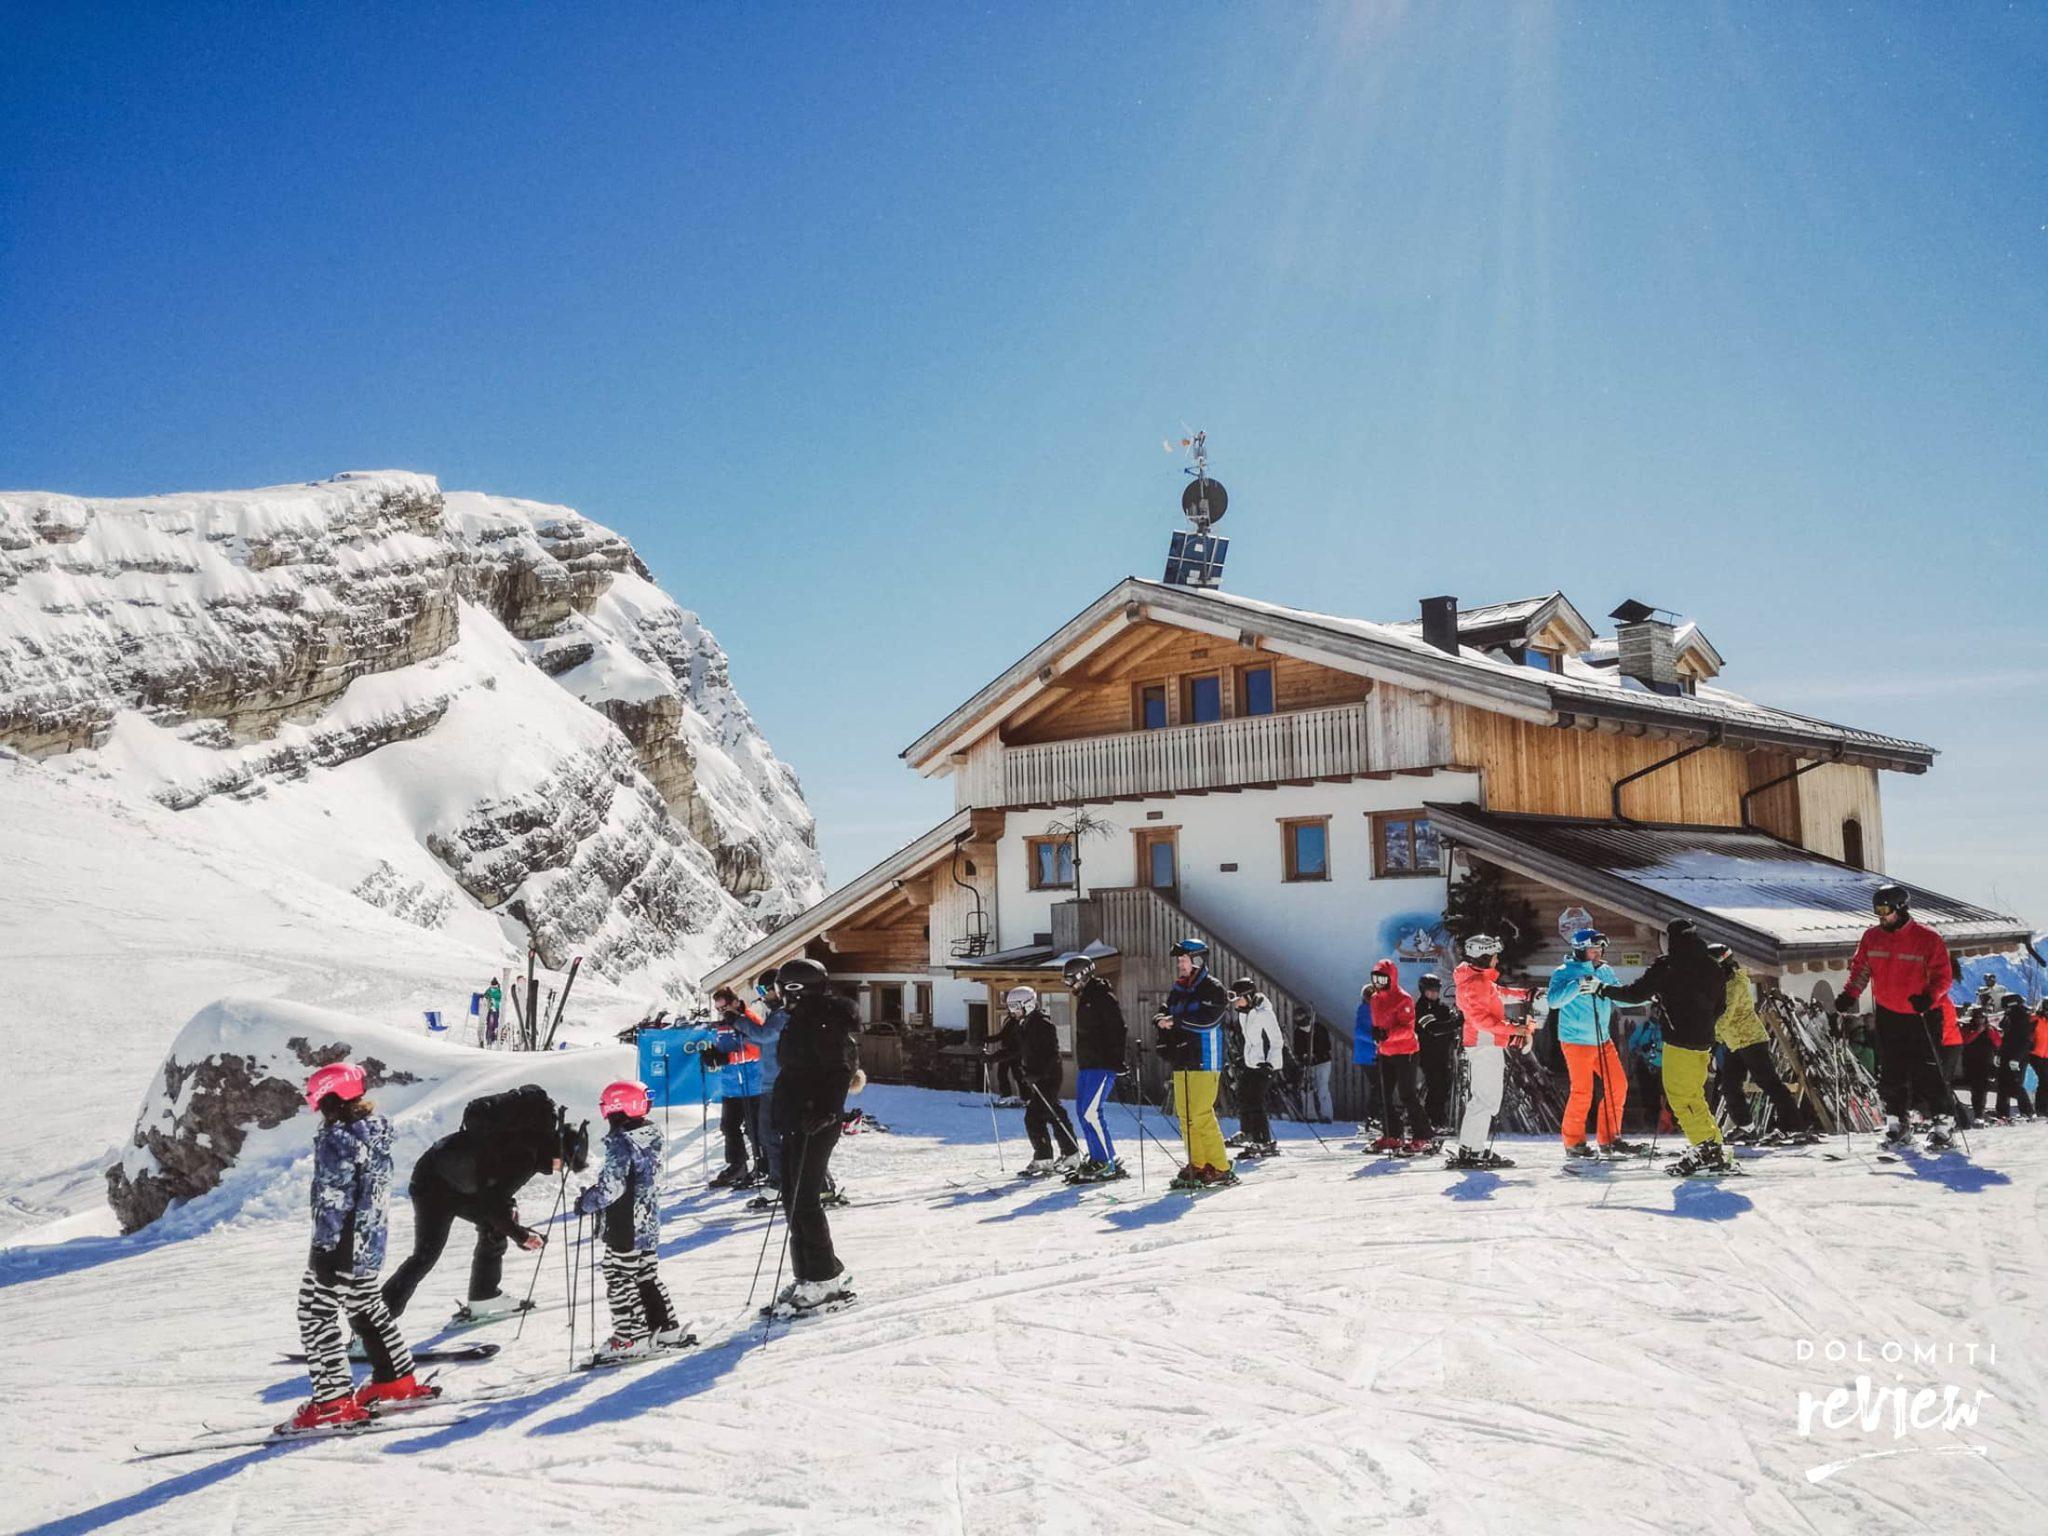 Rifugio Averau in inverno, Cortina d'Ampezzo